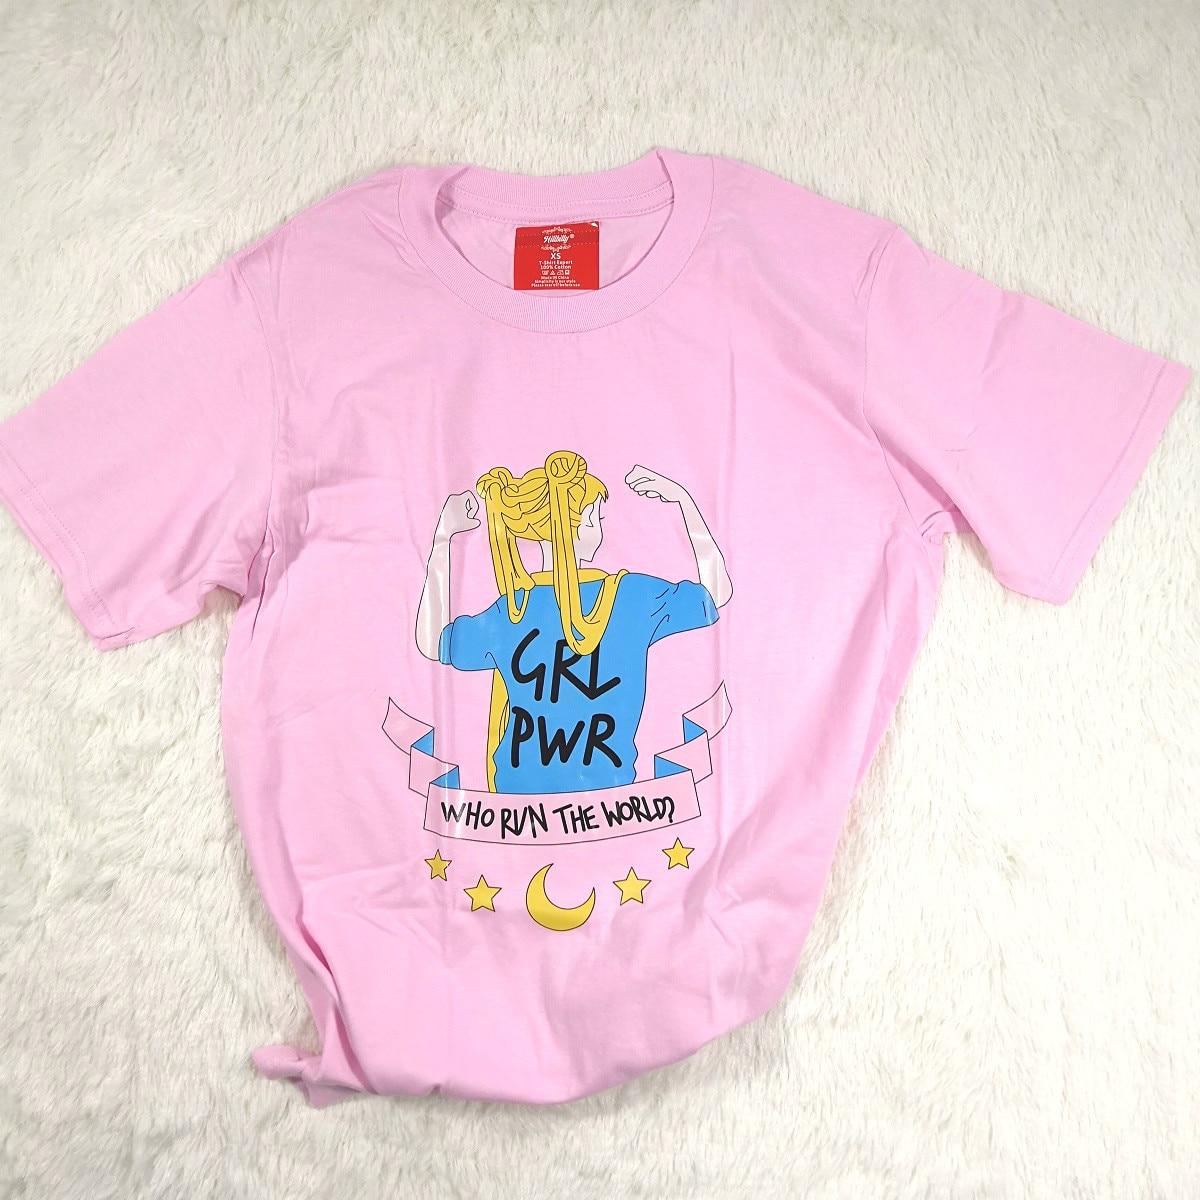 Hillbilly Japanischen Frauen T-shirt Sailor Moon Mädchen Power Lustiges t-shirt Sommer Top T Quadratische Element Kawaii Plus Größe T-shirt